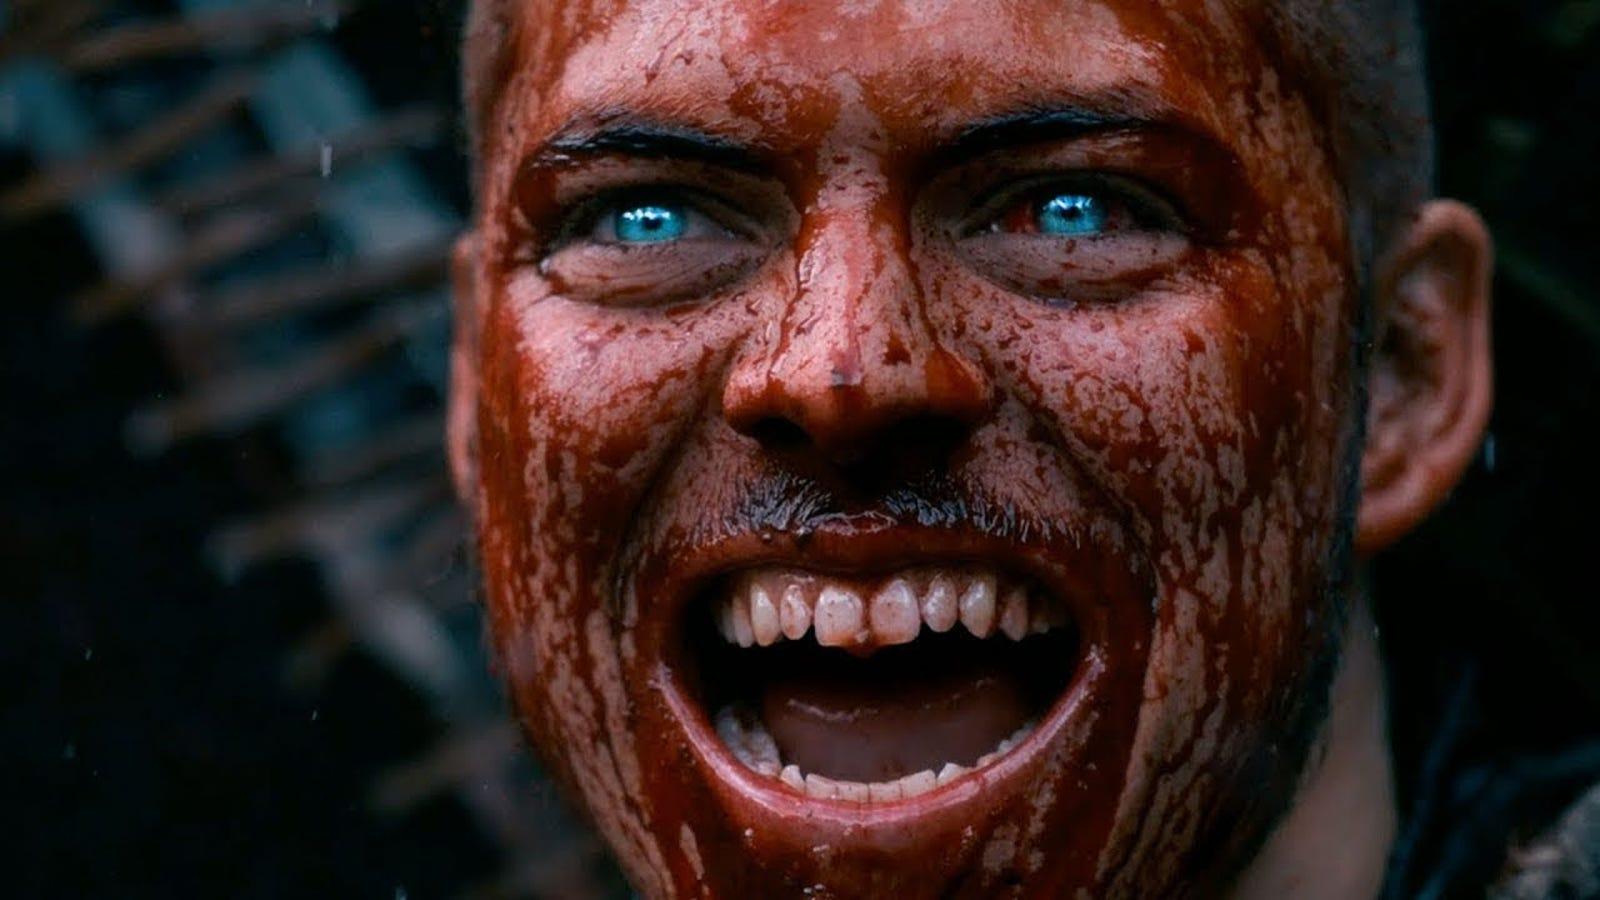 Este método de tortura vikinga era tan salvaje que muchos historiadores no creen que fuera real